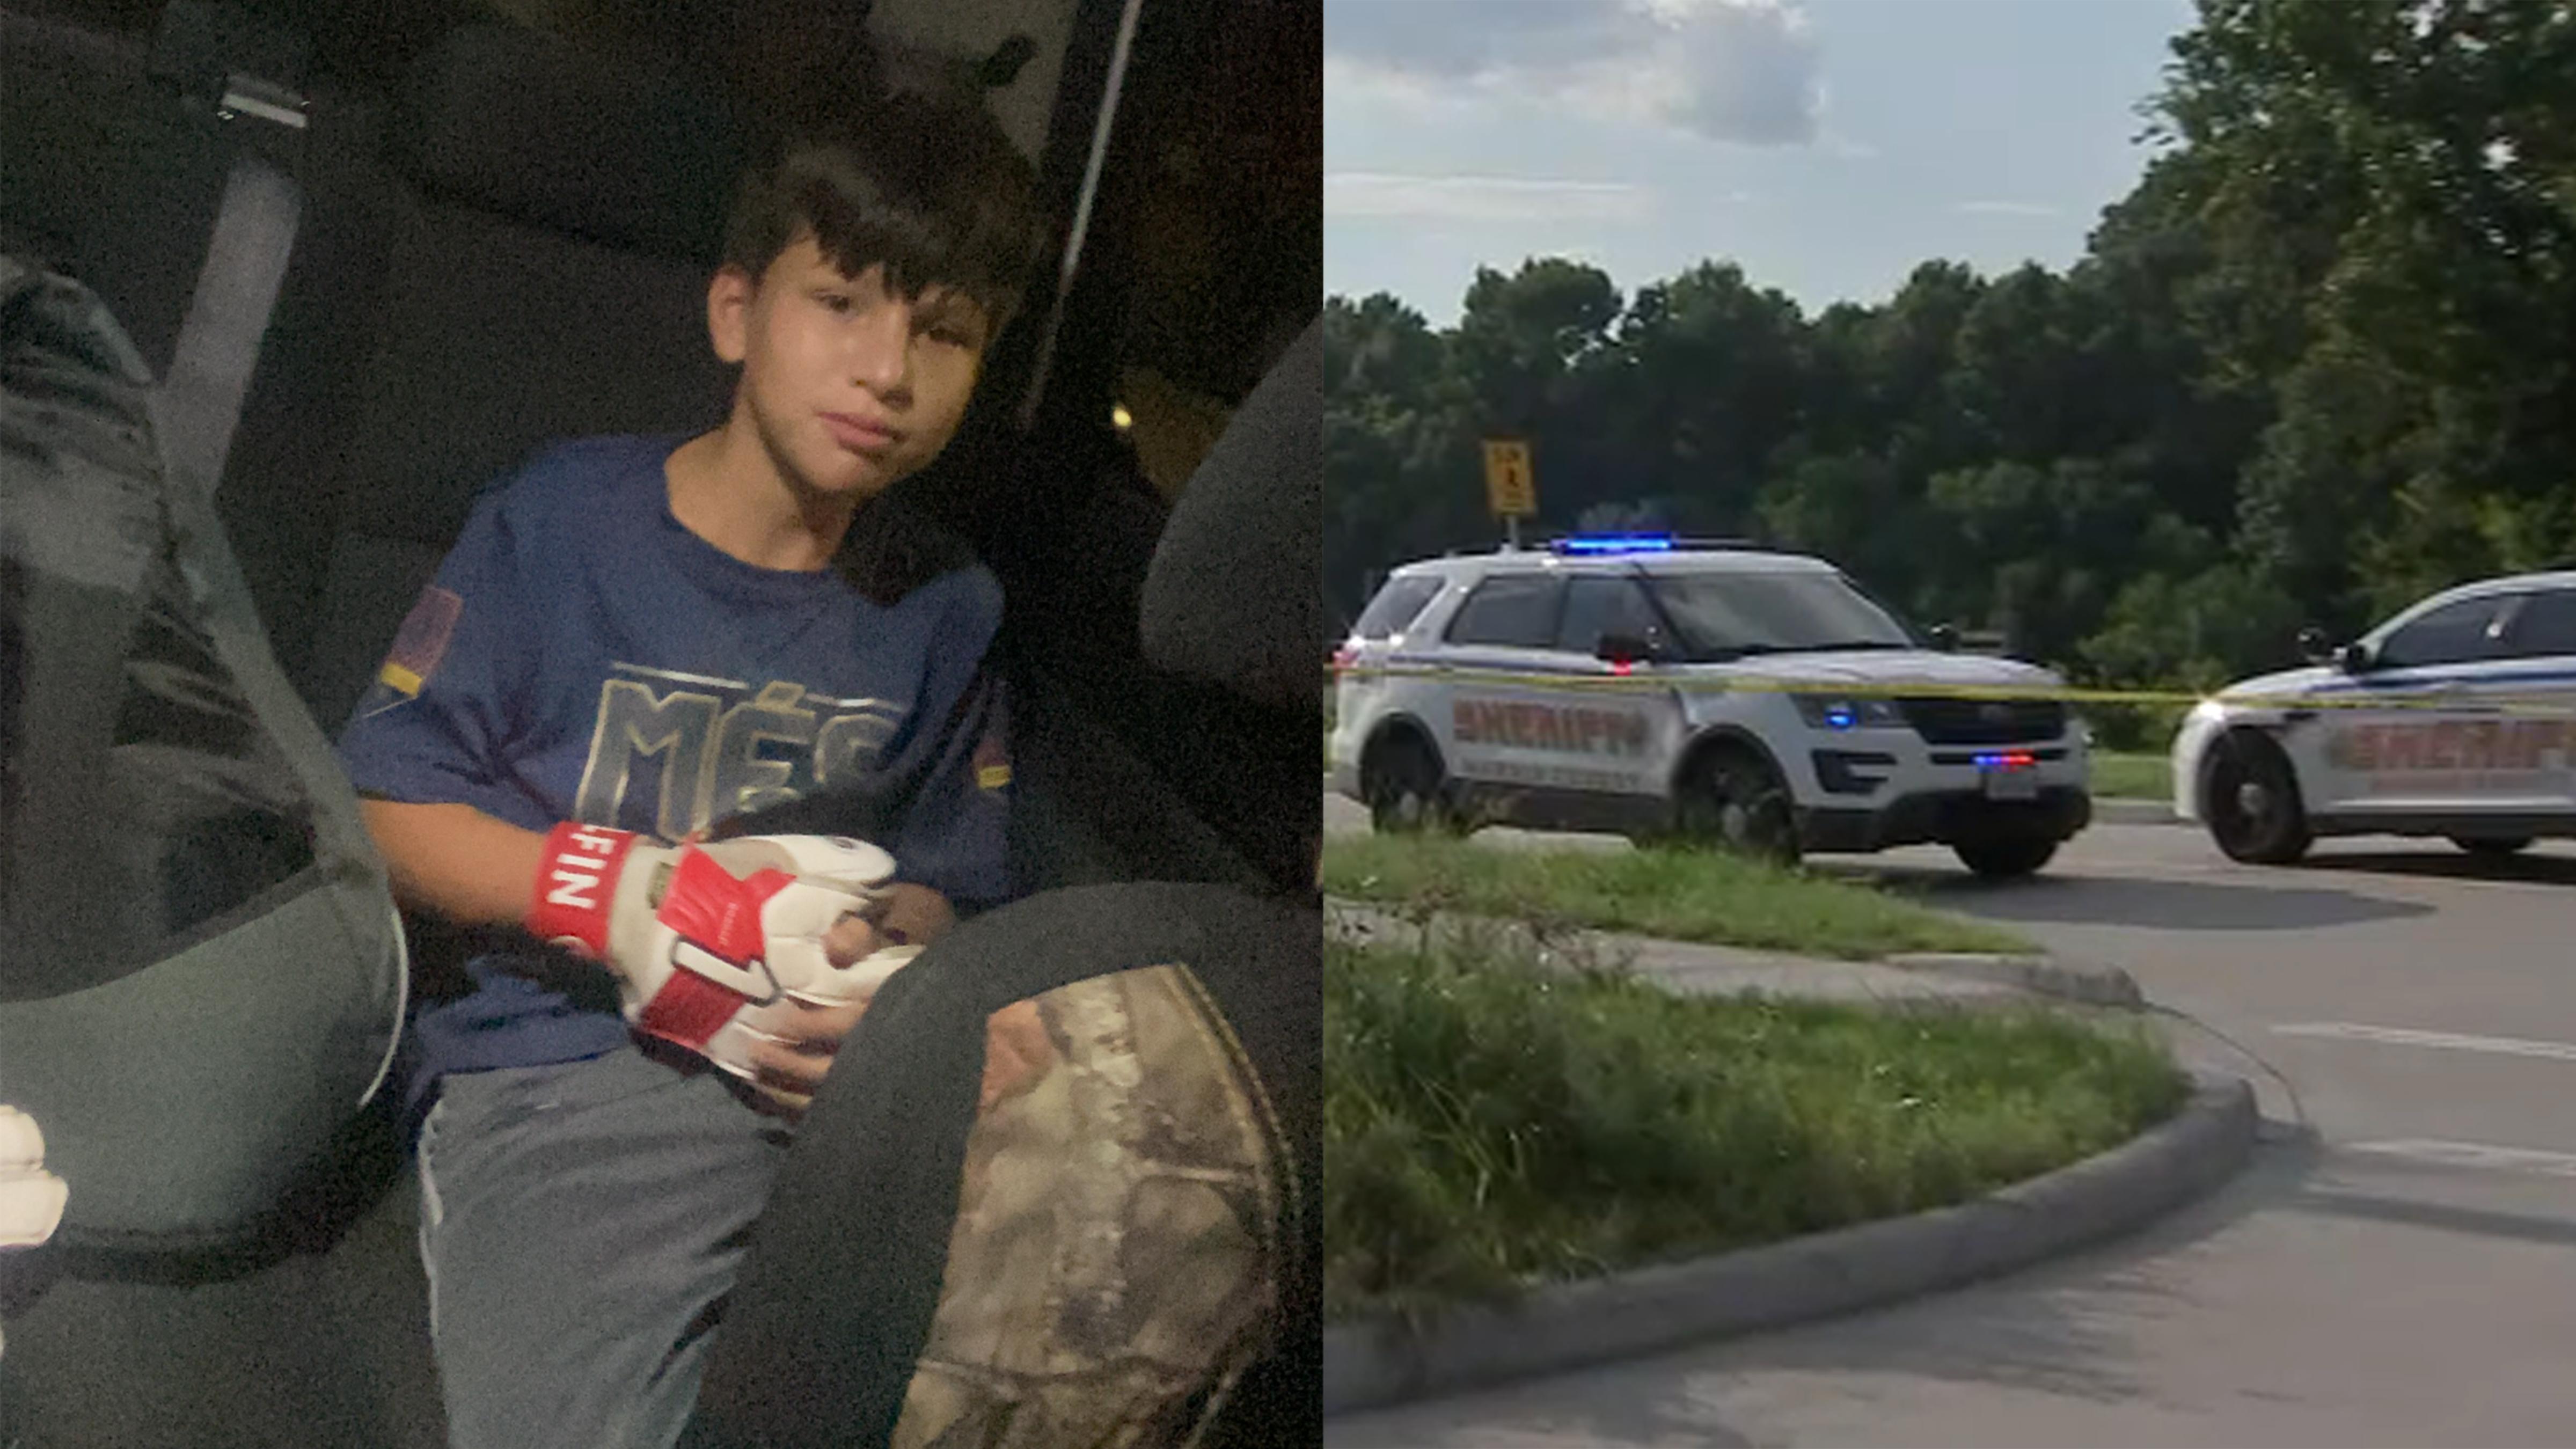 10-year-old injured in drive-by shooting in N. Harris County, deputies say